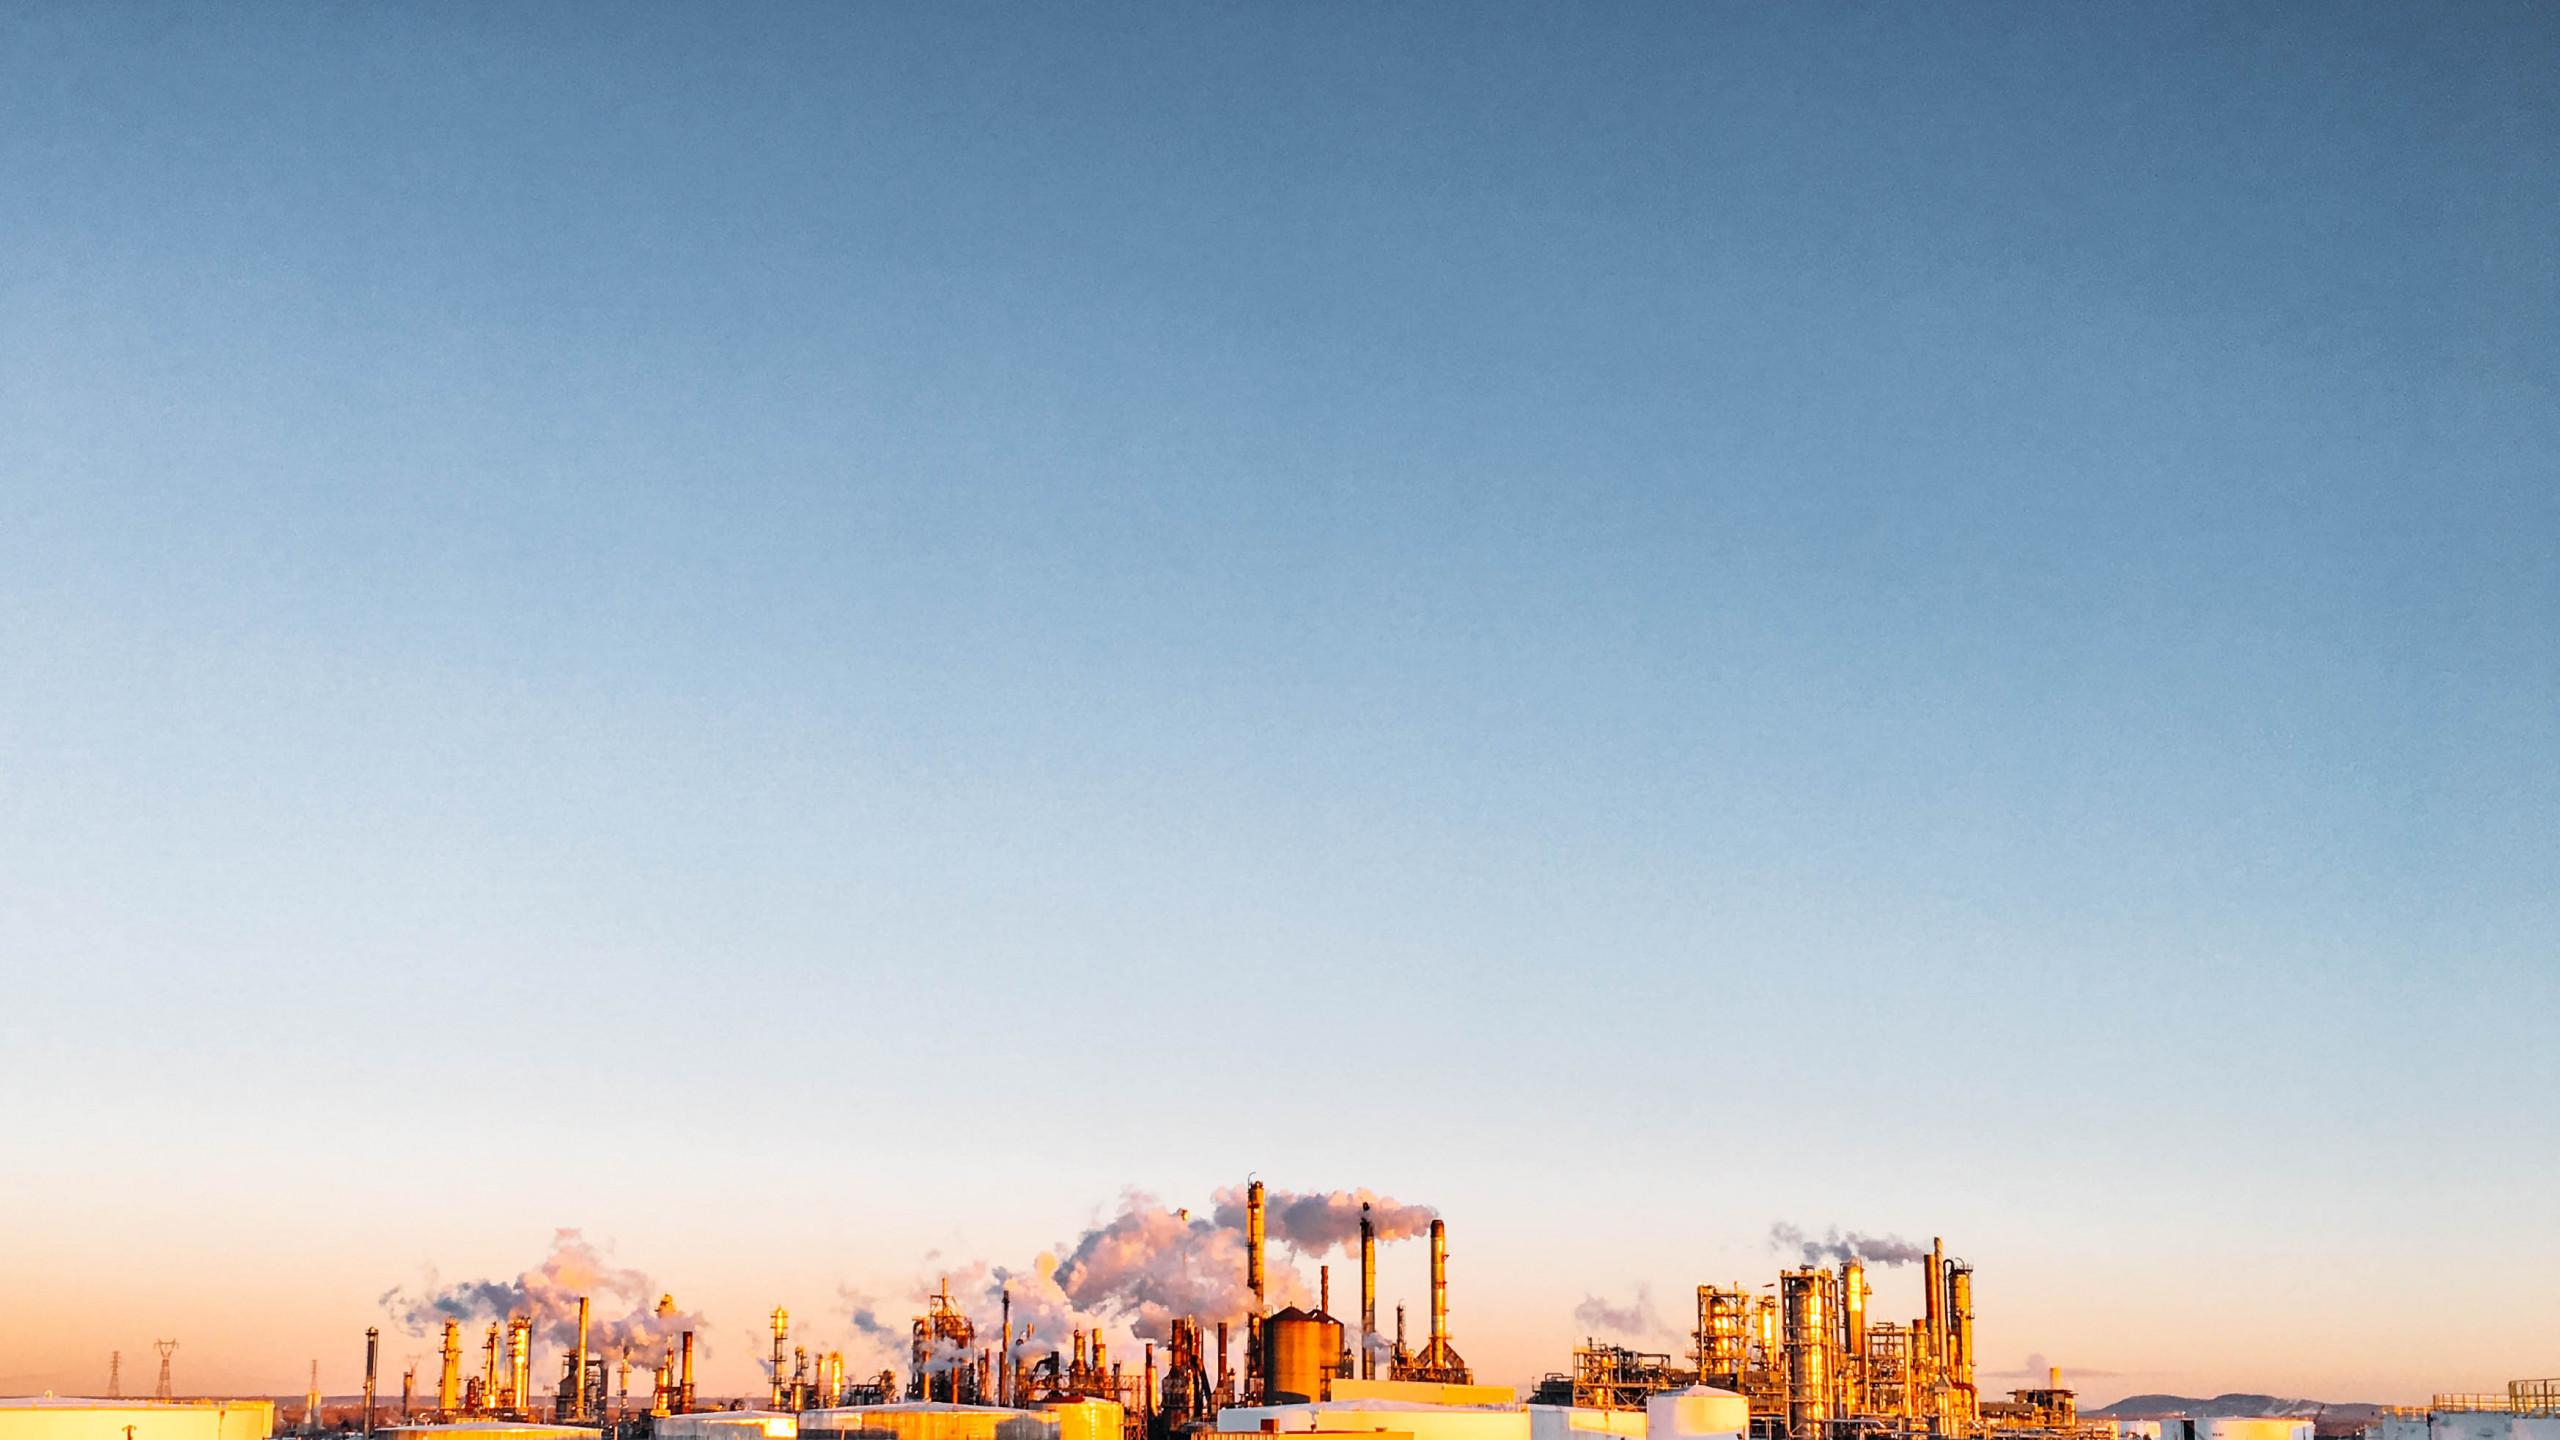 Will crude oil price continue the upward trend?